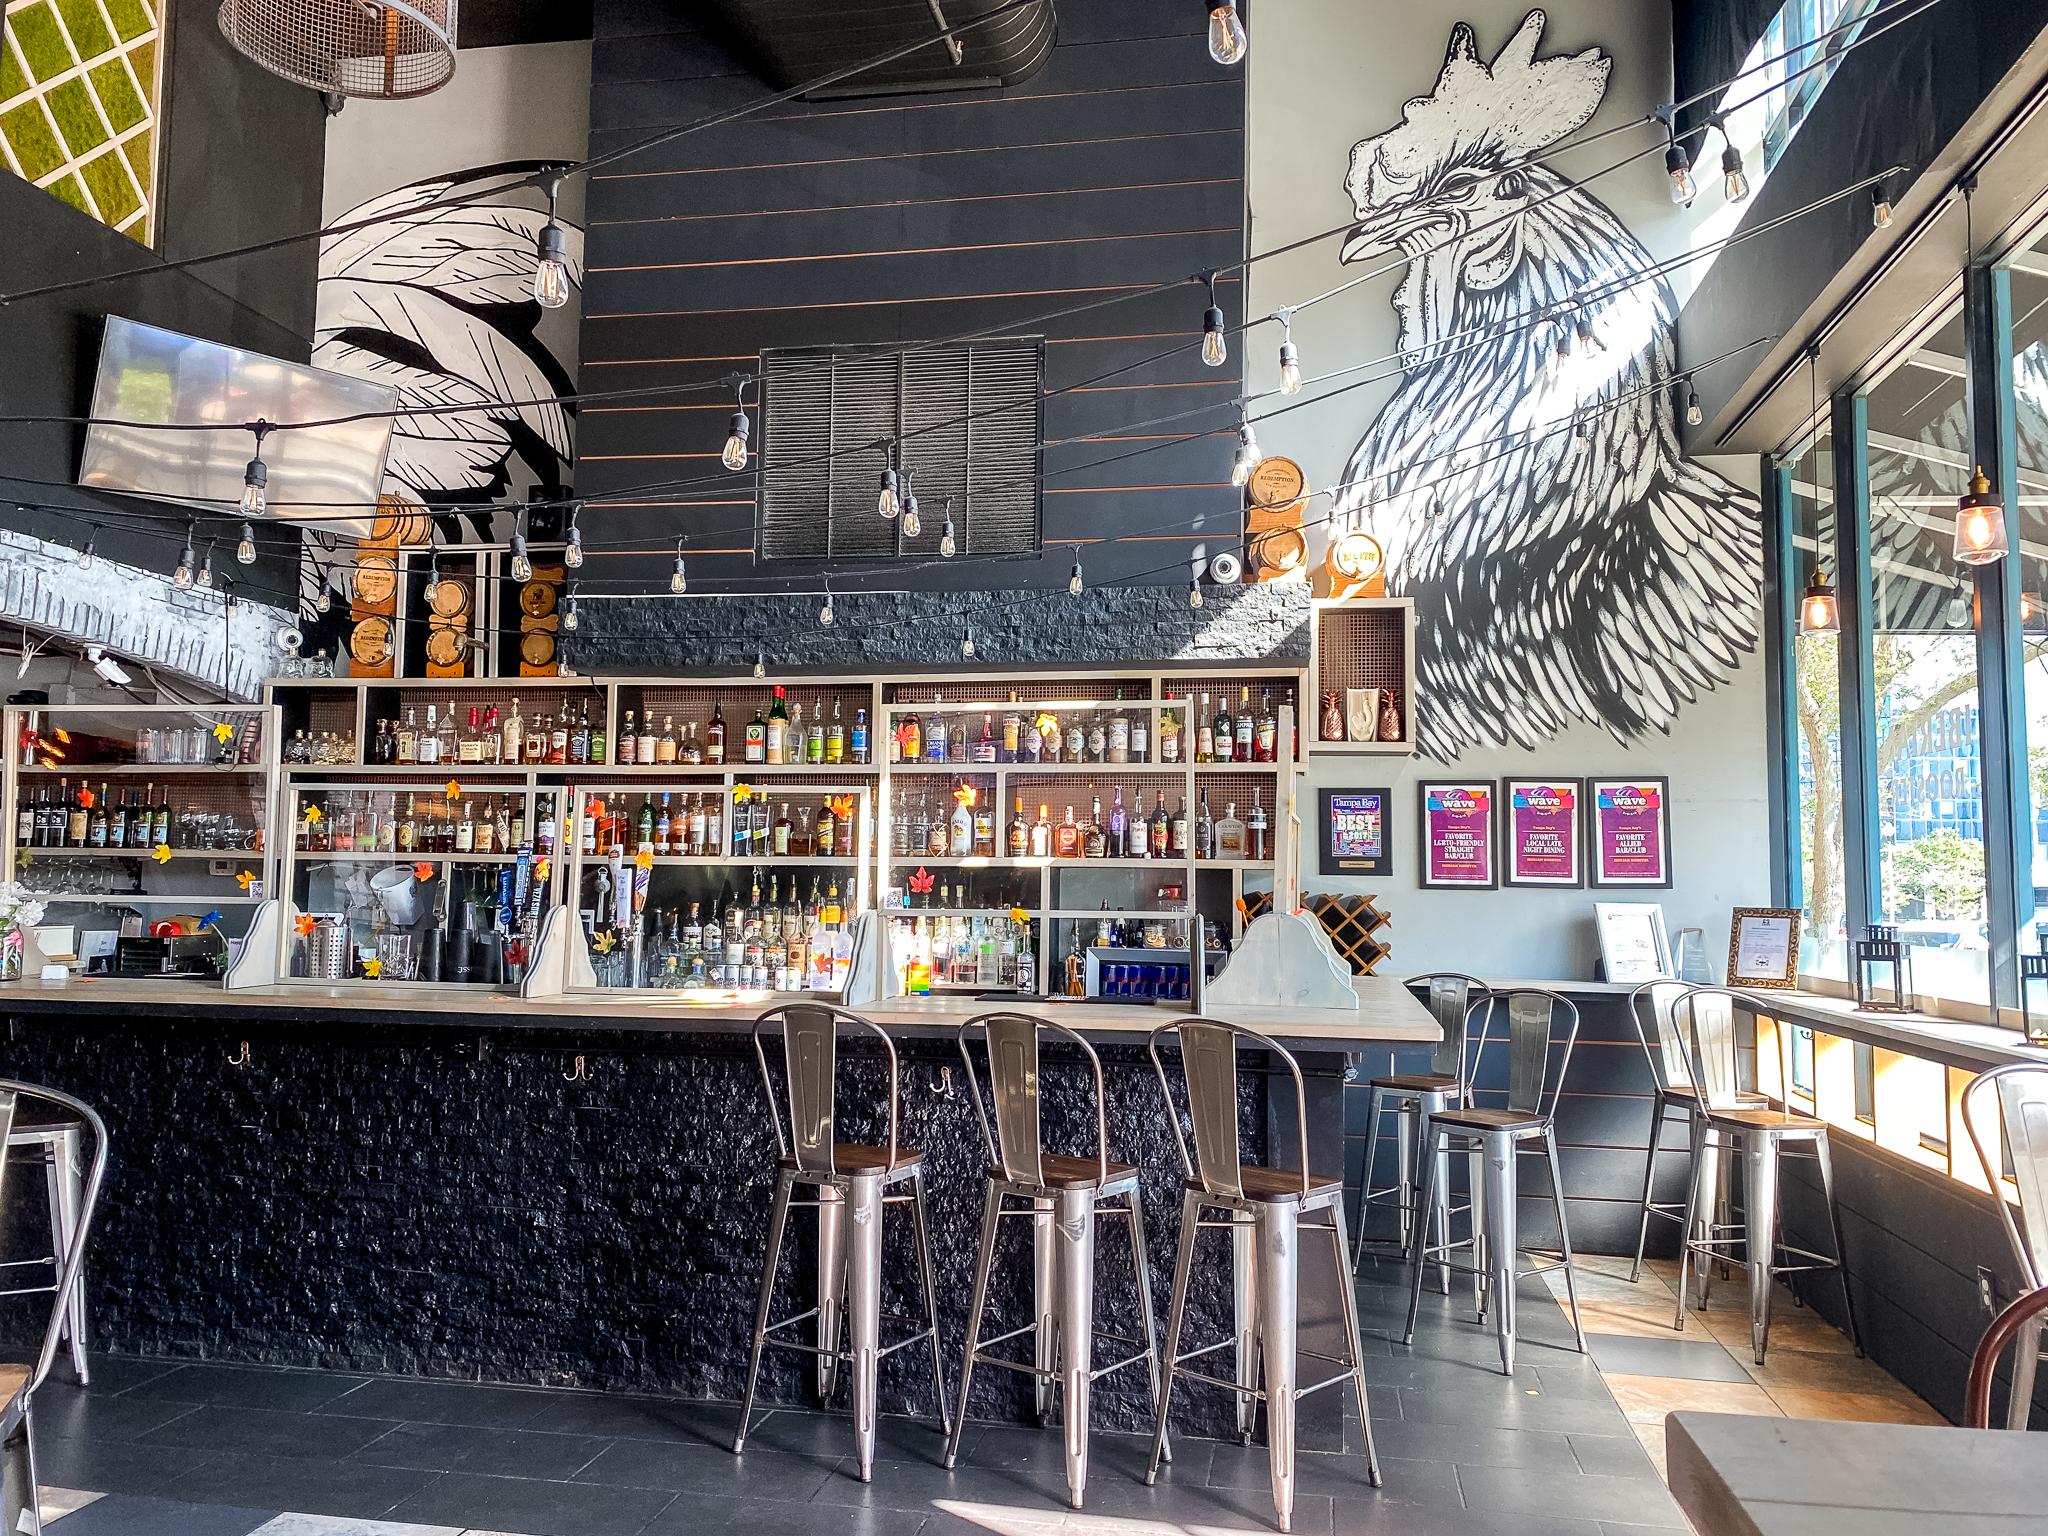 Avo's Kitchen Bar Area